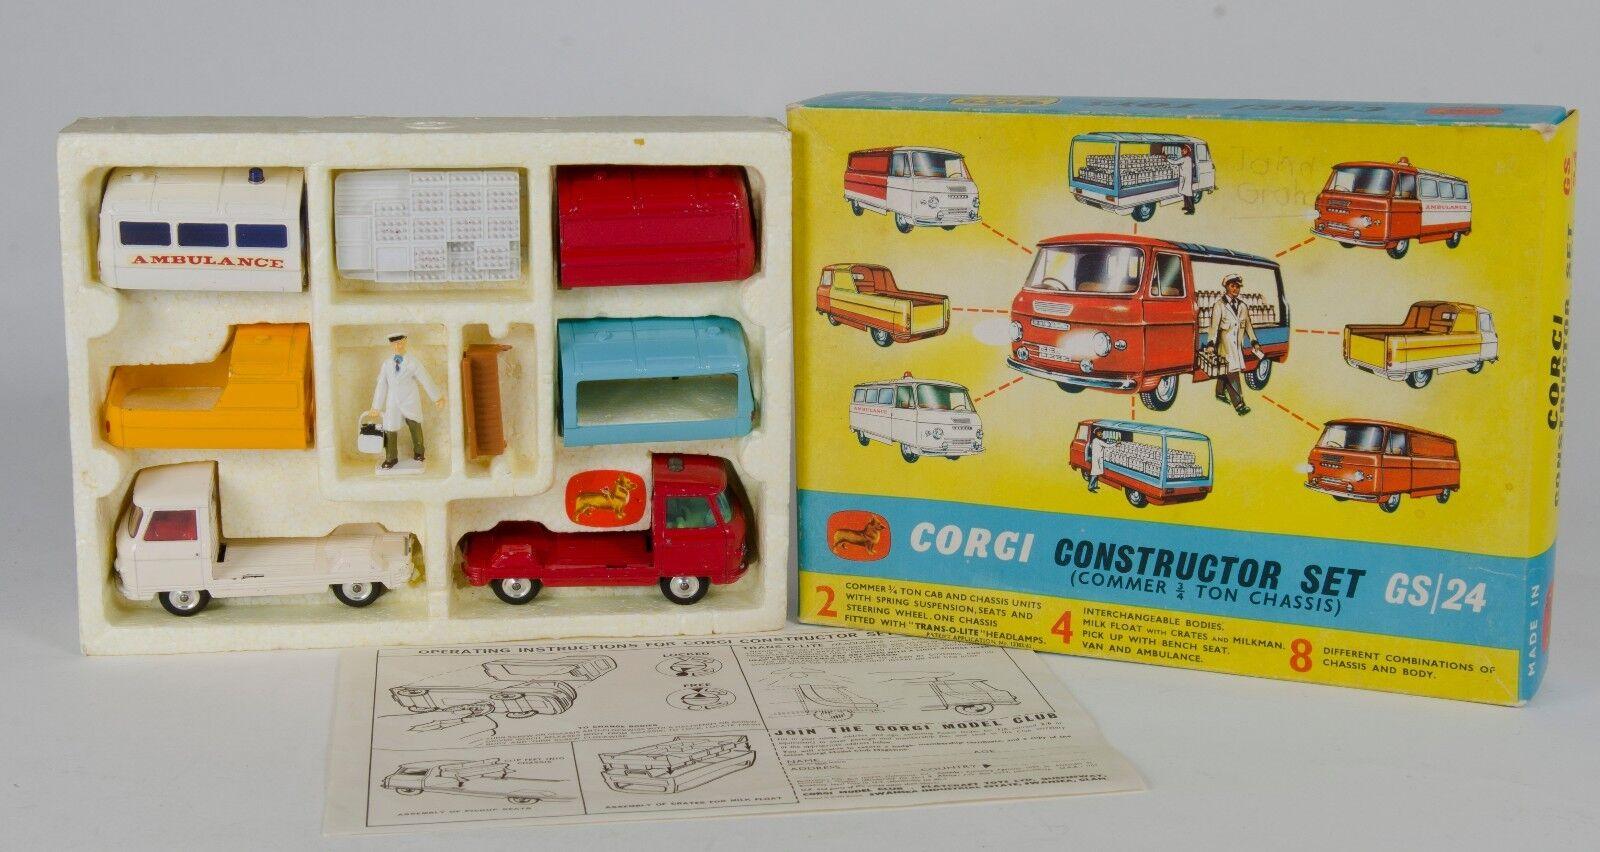 CORGI Gift Set 24 Set di costruzione (COMMER 3 4 TON telaio). in SCATOLA. anni 1960